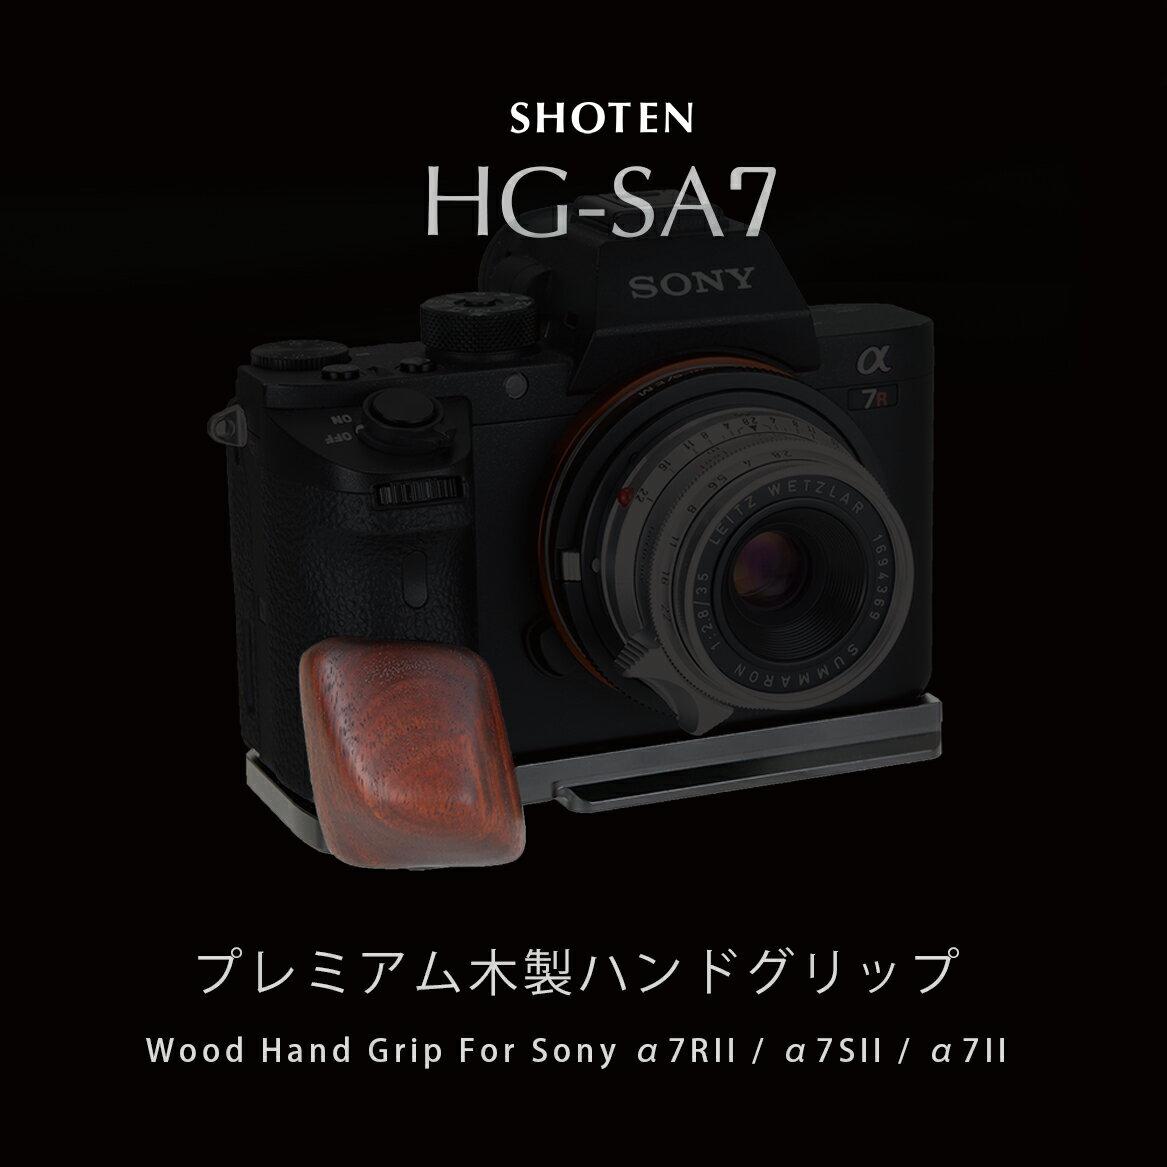 SHOTEN プレミアム木製ハンドグリップ HG-SA7 ソニーα7RII / α7SII / α7II用